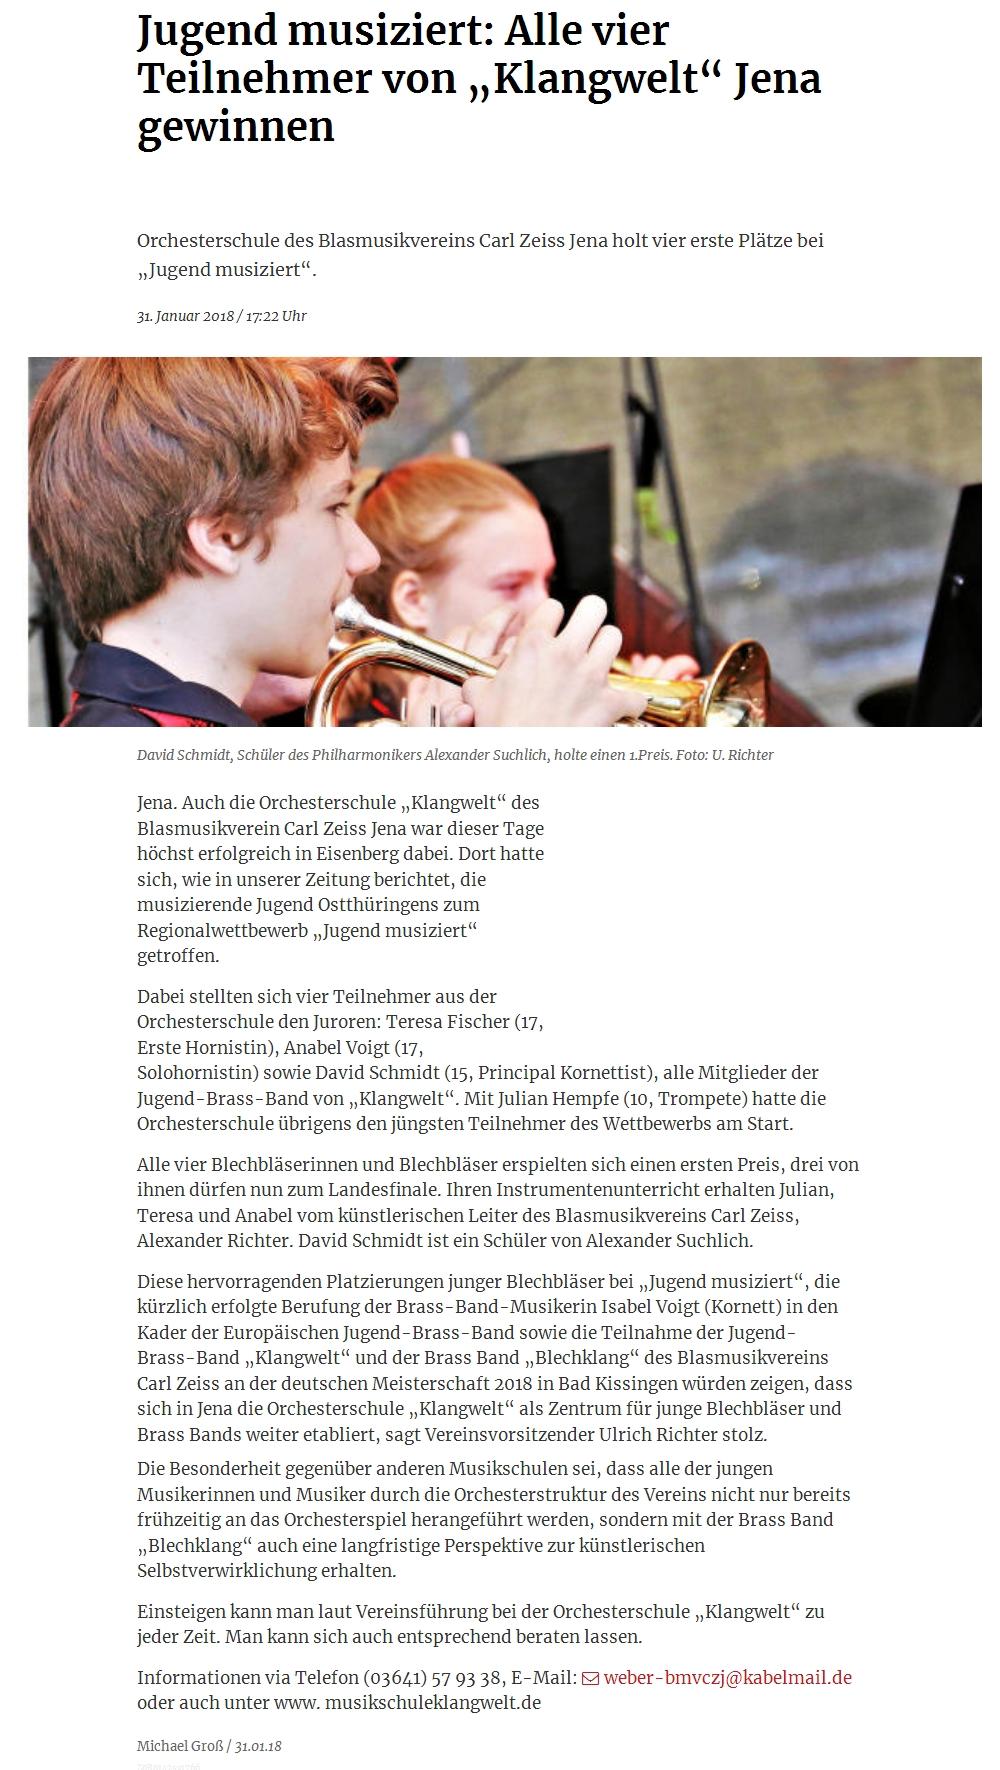 Artikel aus der OTZ über die erfolgreiche Teilnahme der Schüler der Orchesterschule KLANGwelt am Regionalwettbewerb Jugend musiziert 2018